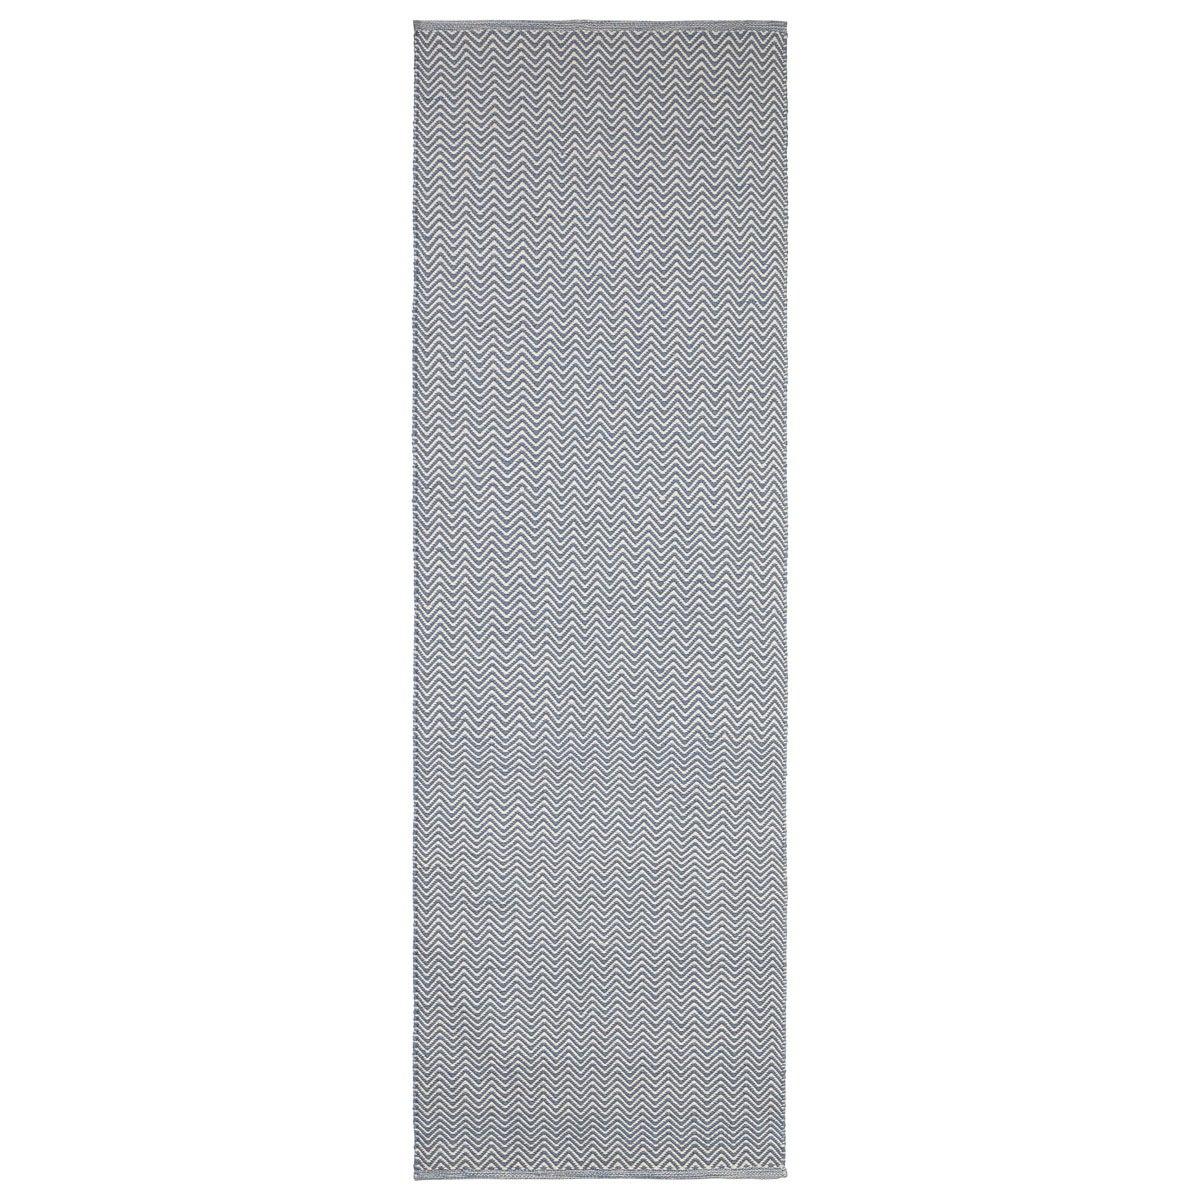 Indoor/outdoor carpet in Indigo Blue/Khaki